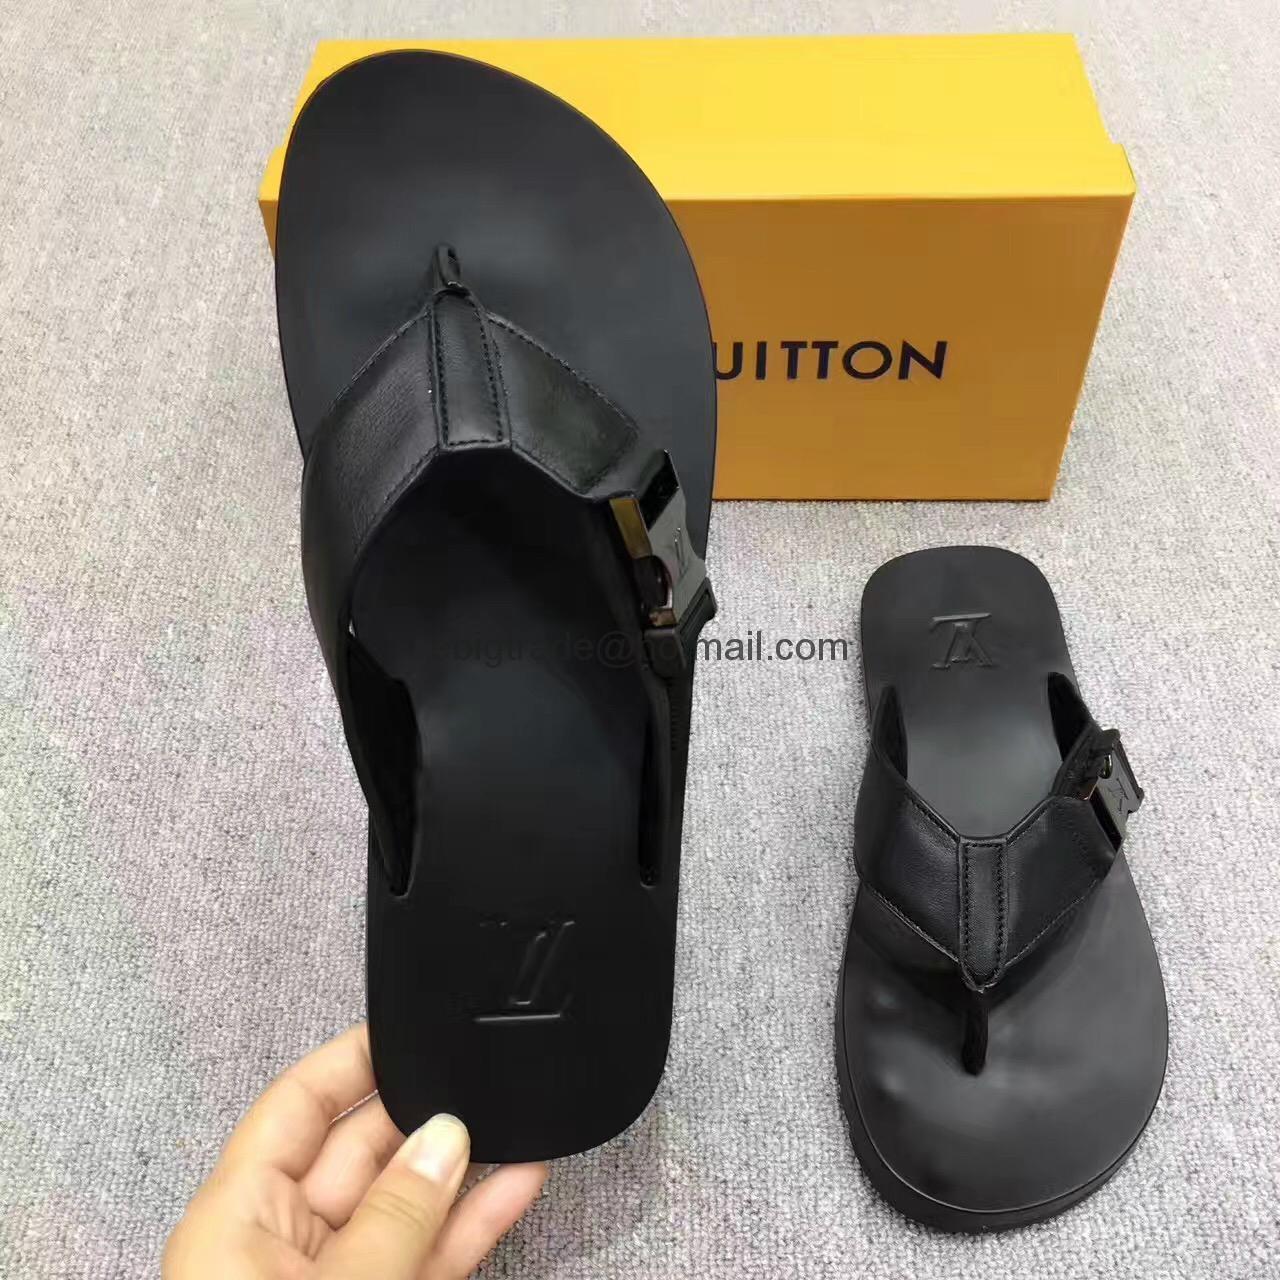 Cheap LOUIS VUITTON men's Sandals LV slippers LV sandals LV FLIP FLOPS ON SALE  15